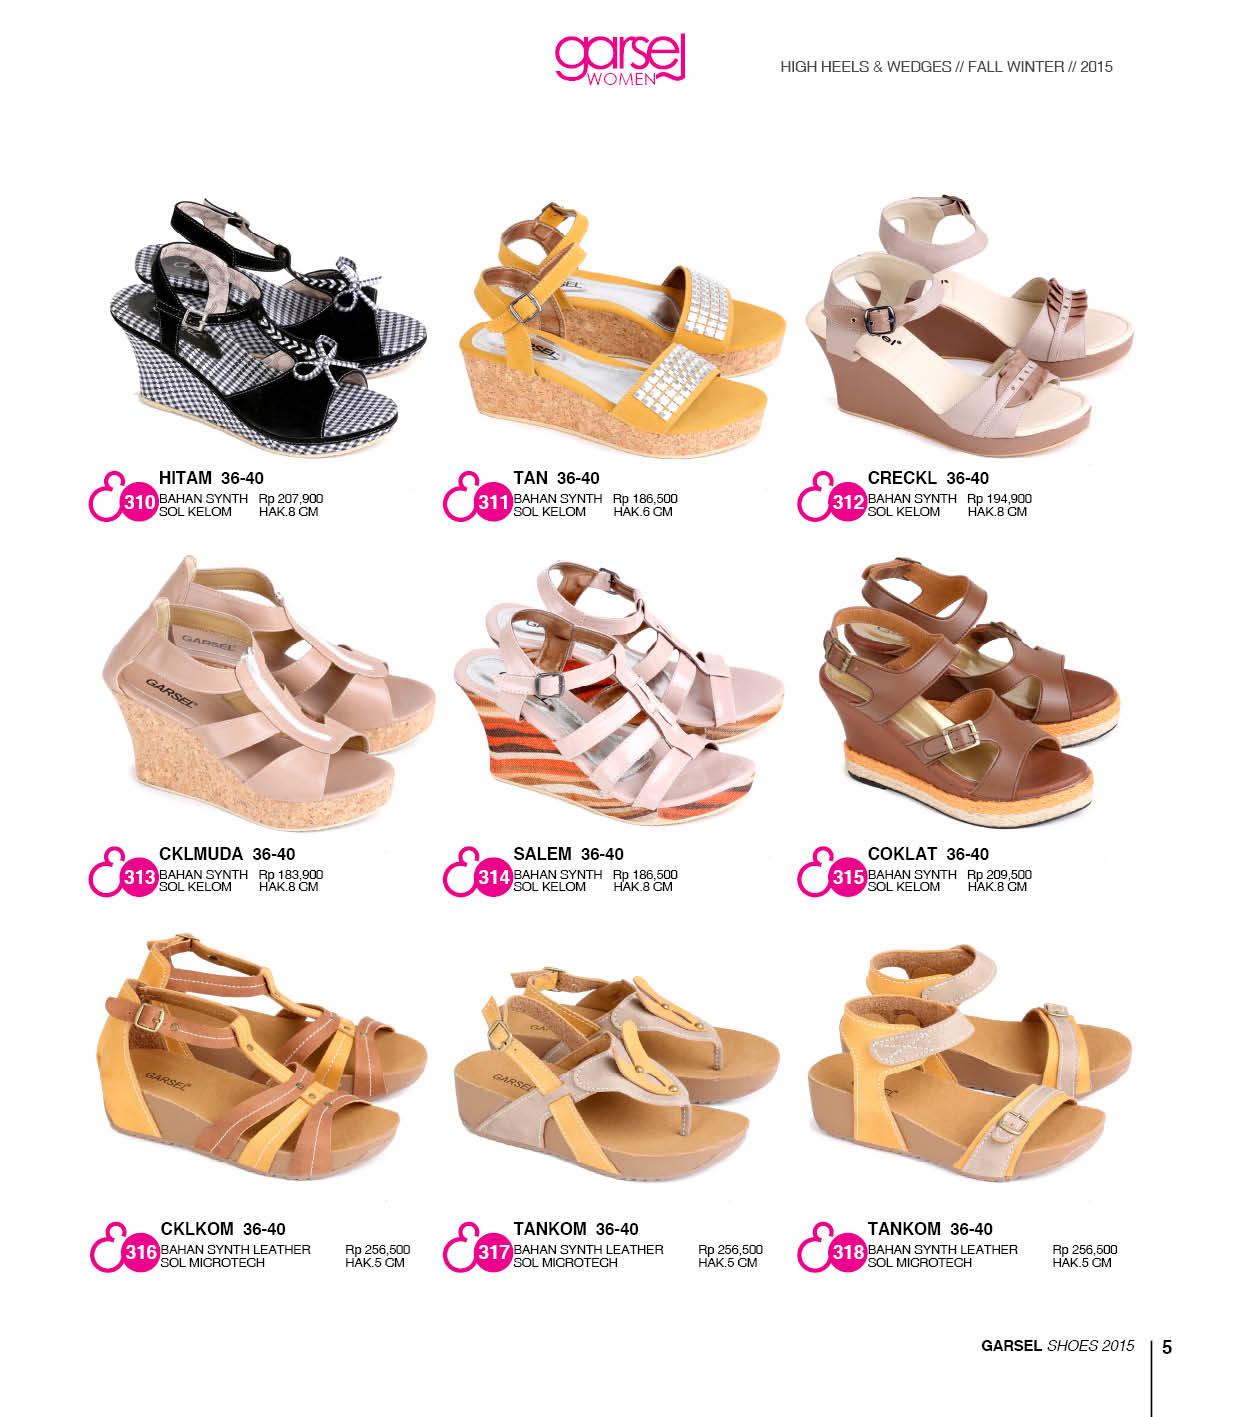 Katalog Terbaru Sepatu dan Sandal Garsel 2015-2016 ...